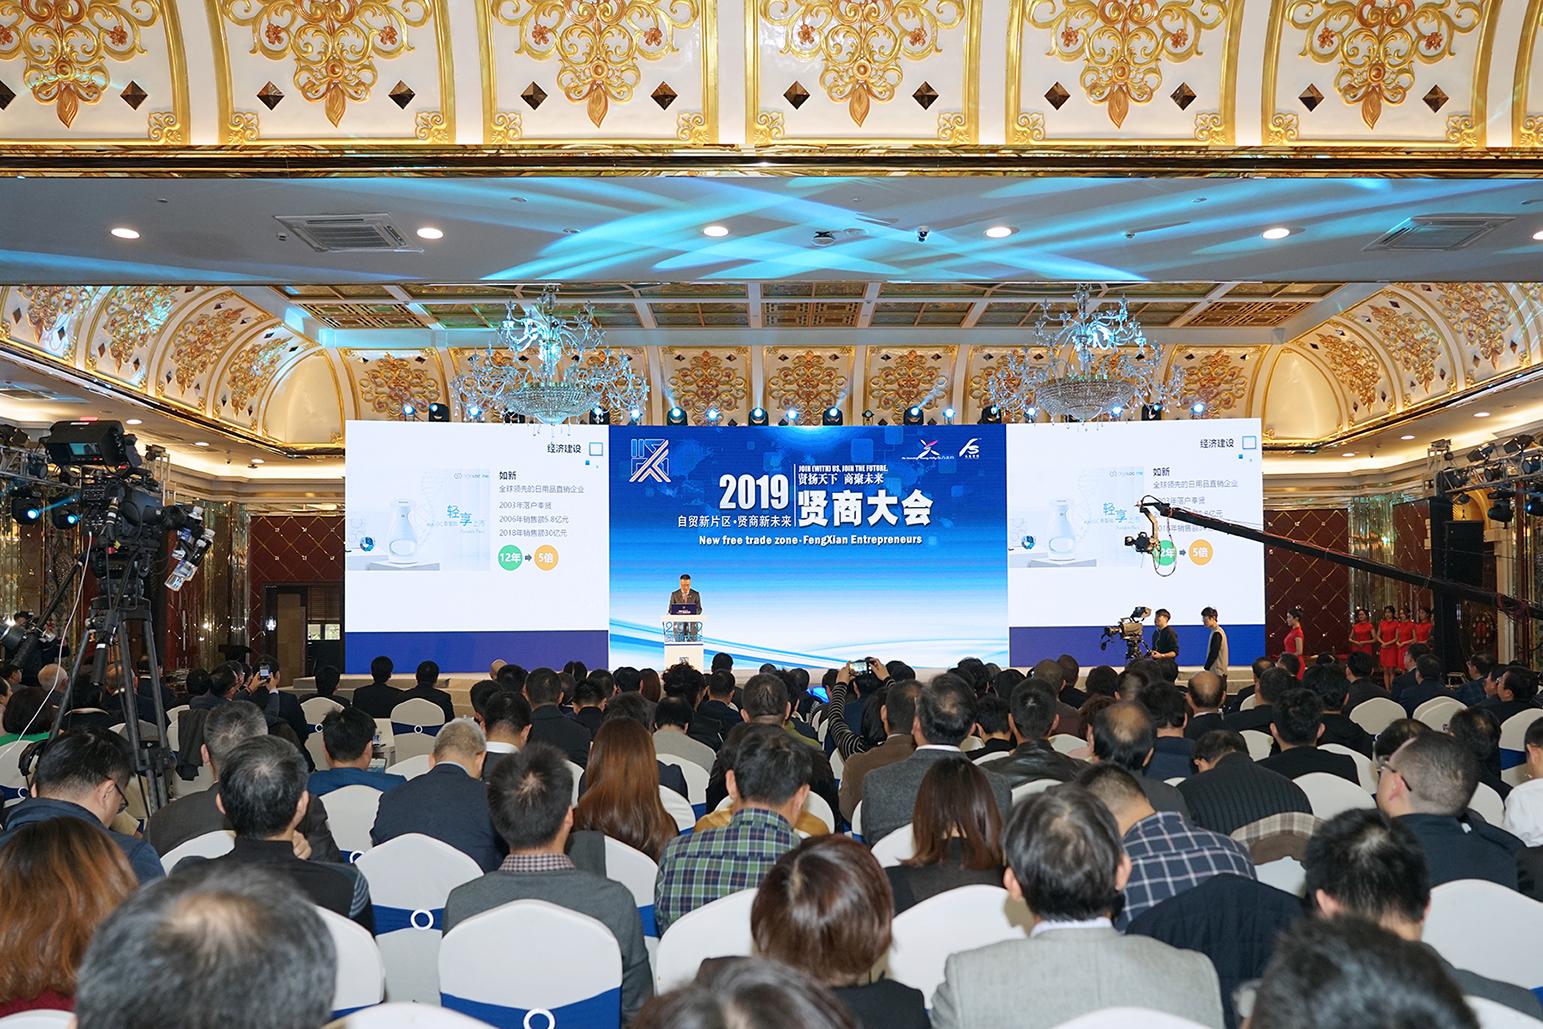 奉贤区委常委、副区长连正华就奉贤城市与产业发展作推介。